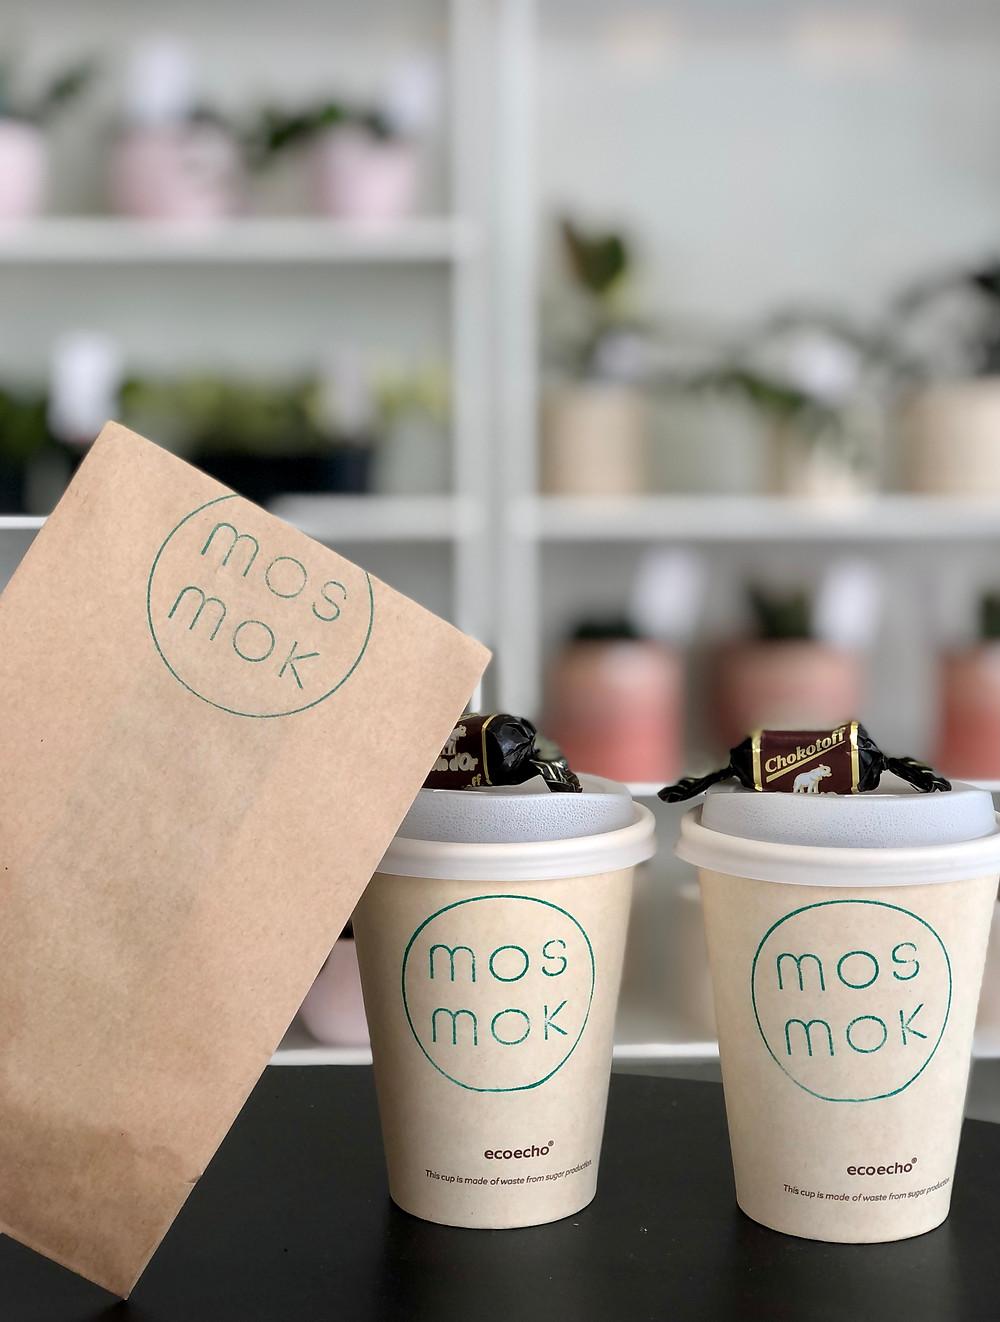 Coffee Mos en Mok Sint-Niklaas